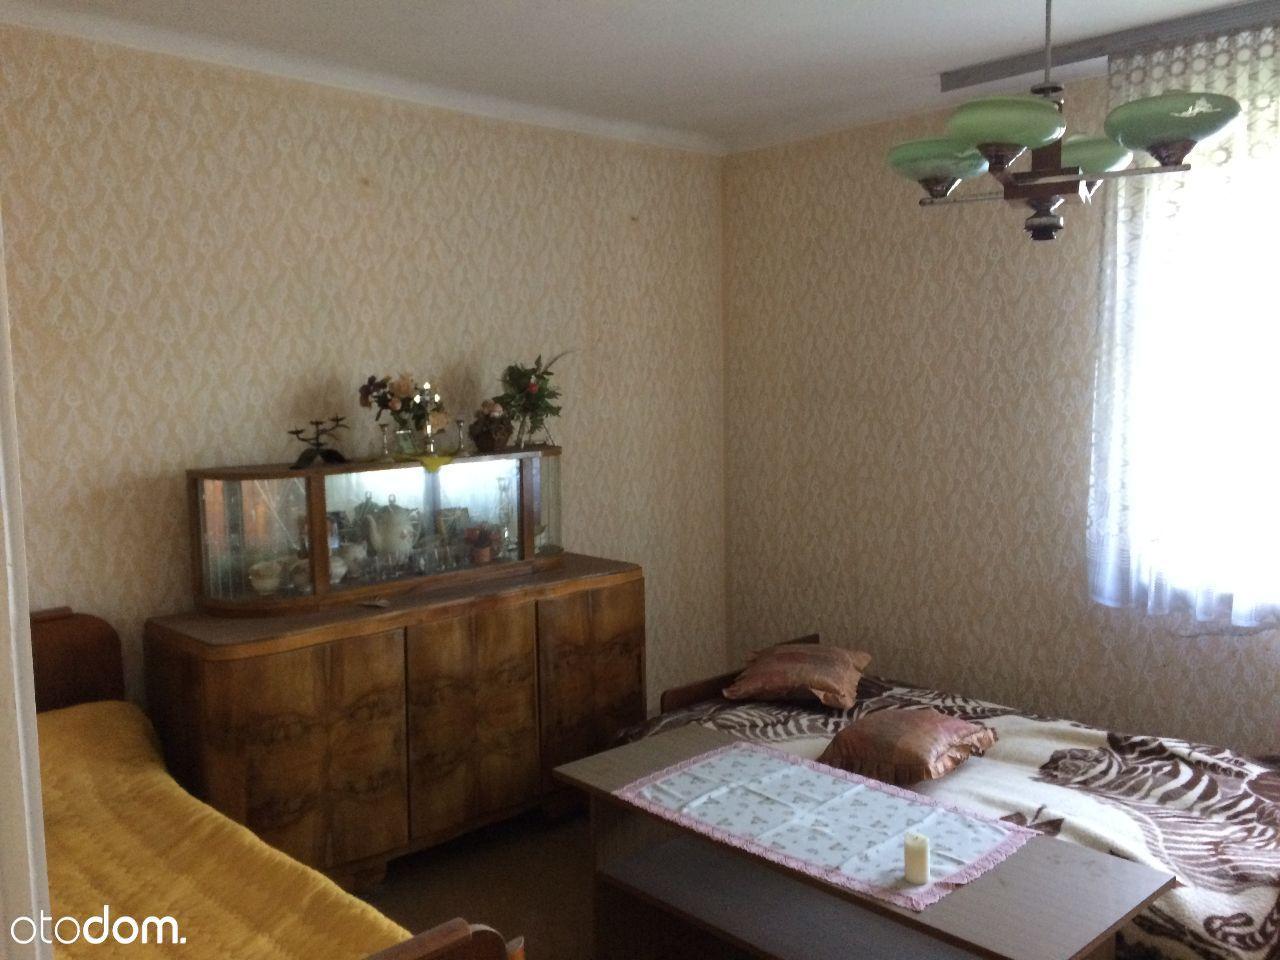 Dom na sprzedaż, Malnia, krapkowicki, opolskie - Foto 5